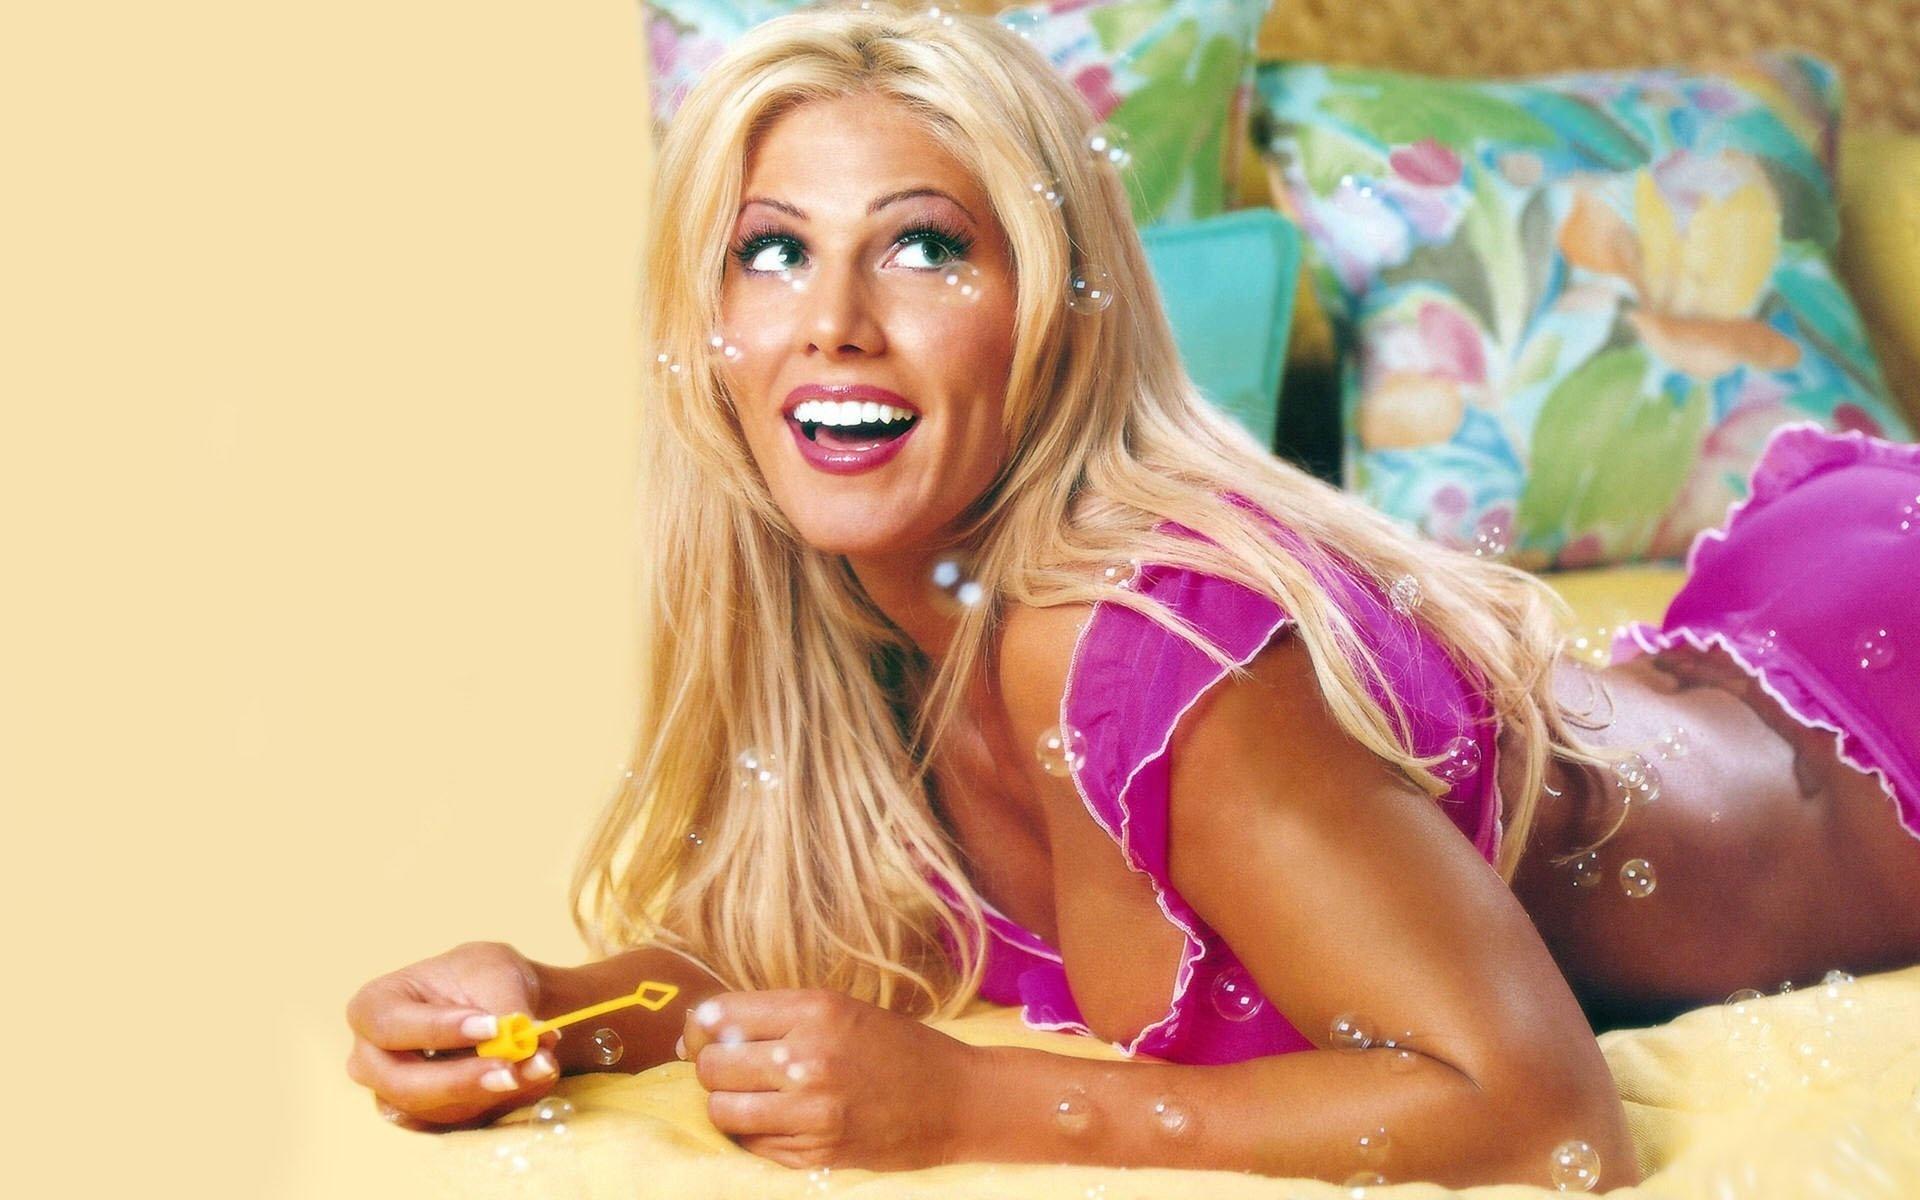 Грудастая блондинка обожает свежие цветы  706059